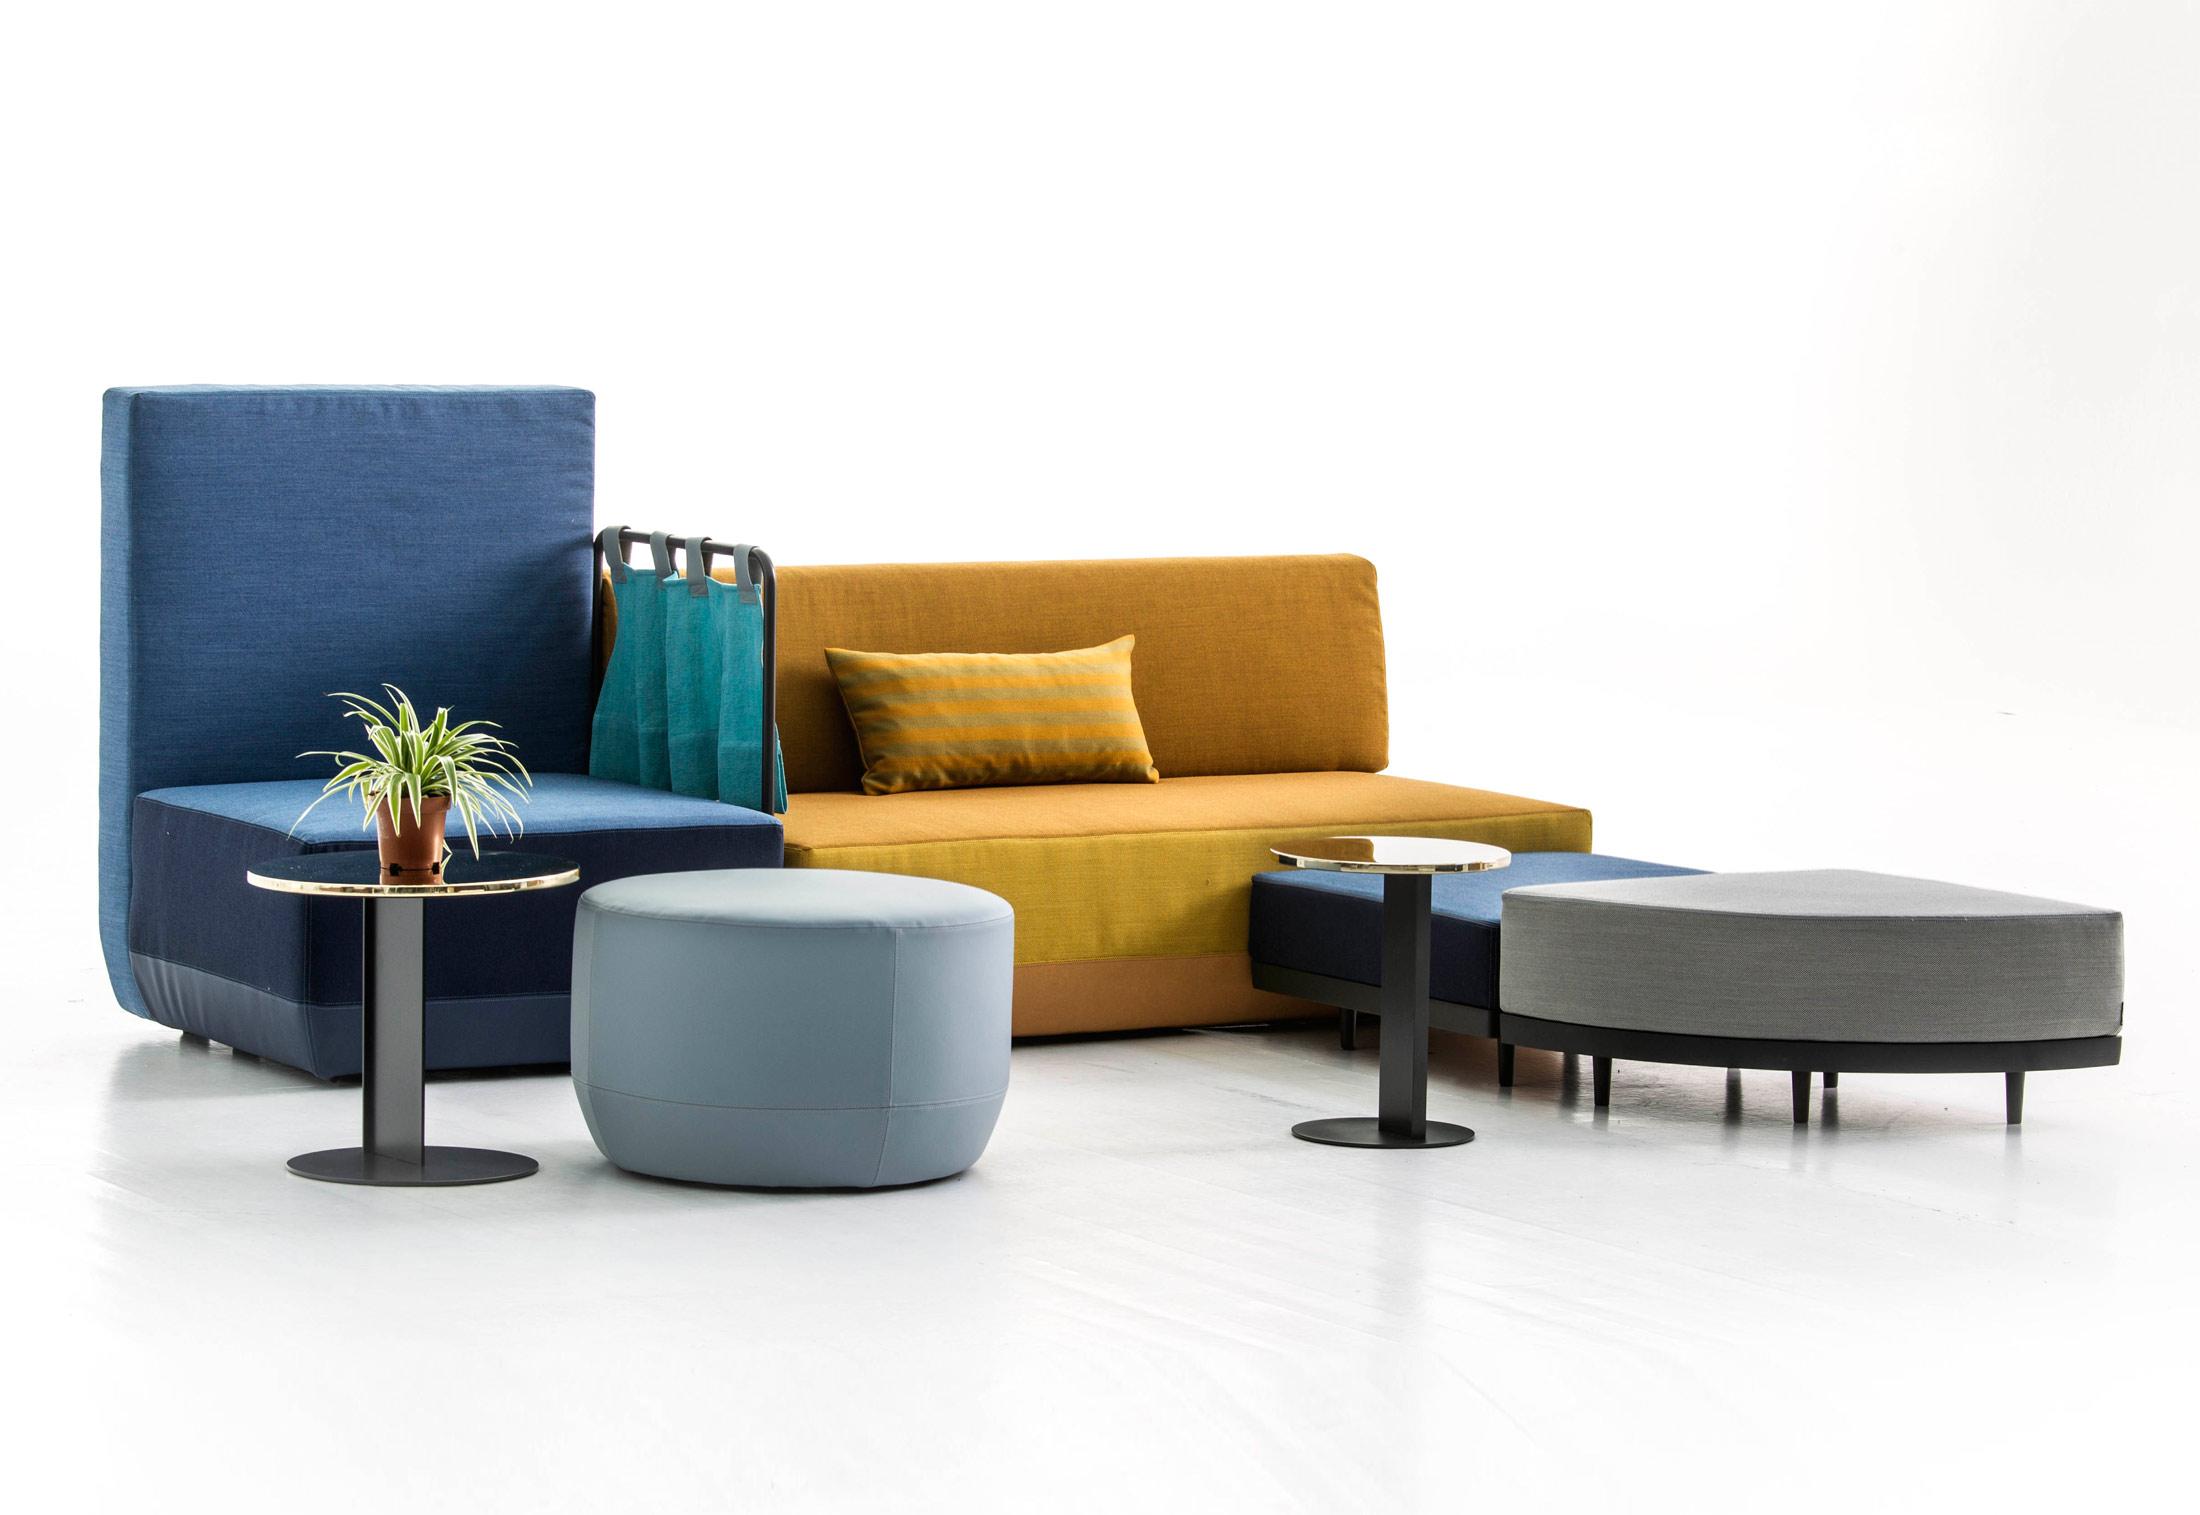 sofa landschaft with sofa landschaft affordable ecksofa. Black Bedroom Furniture Sets. Home Design Ideas